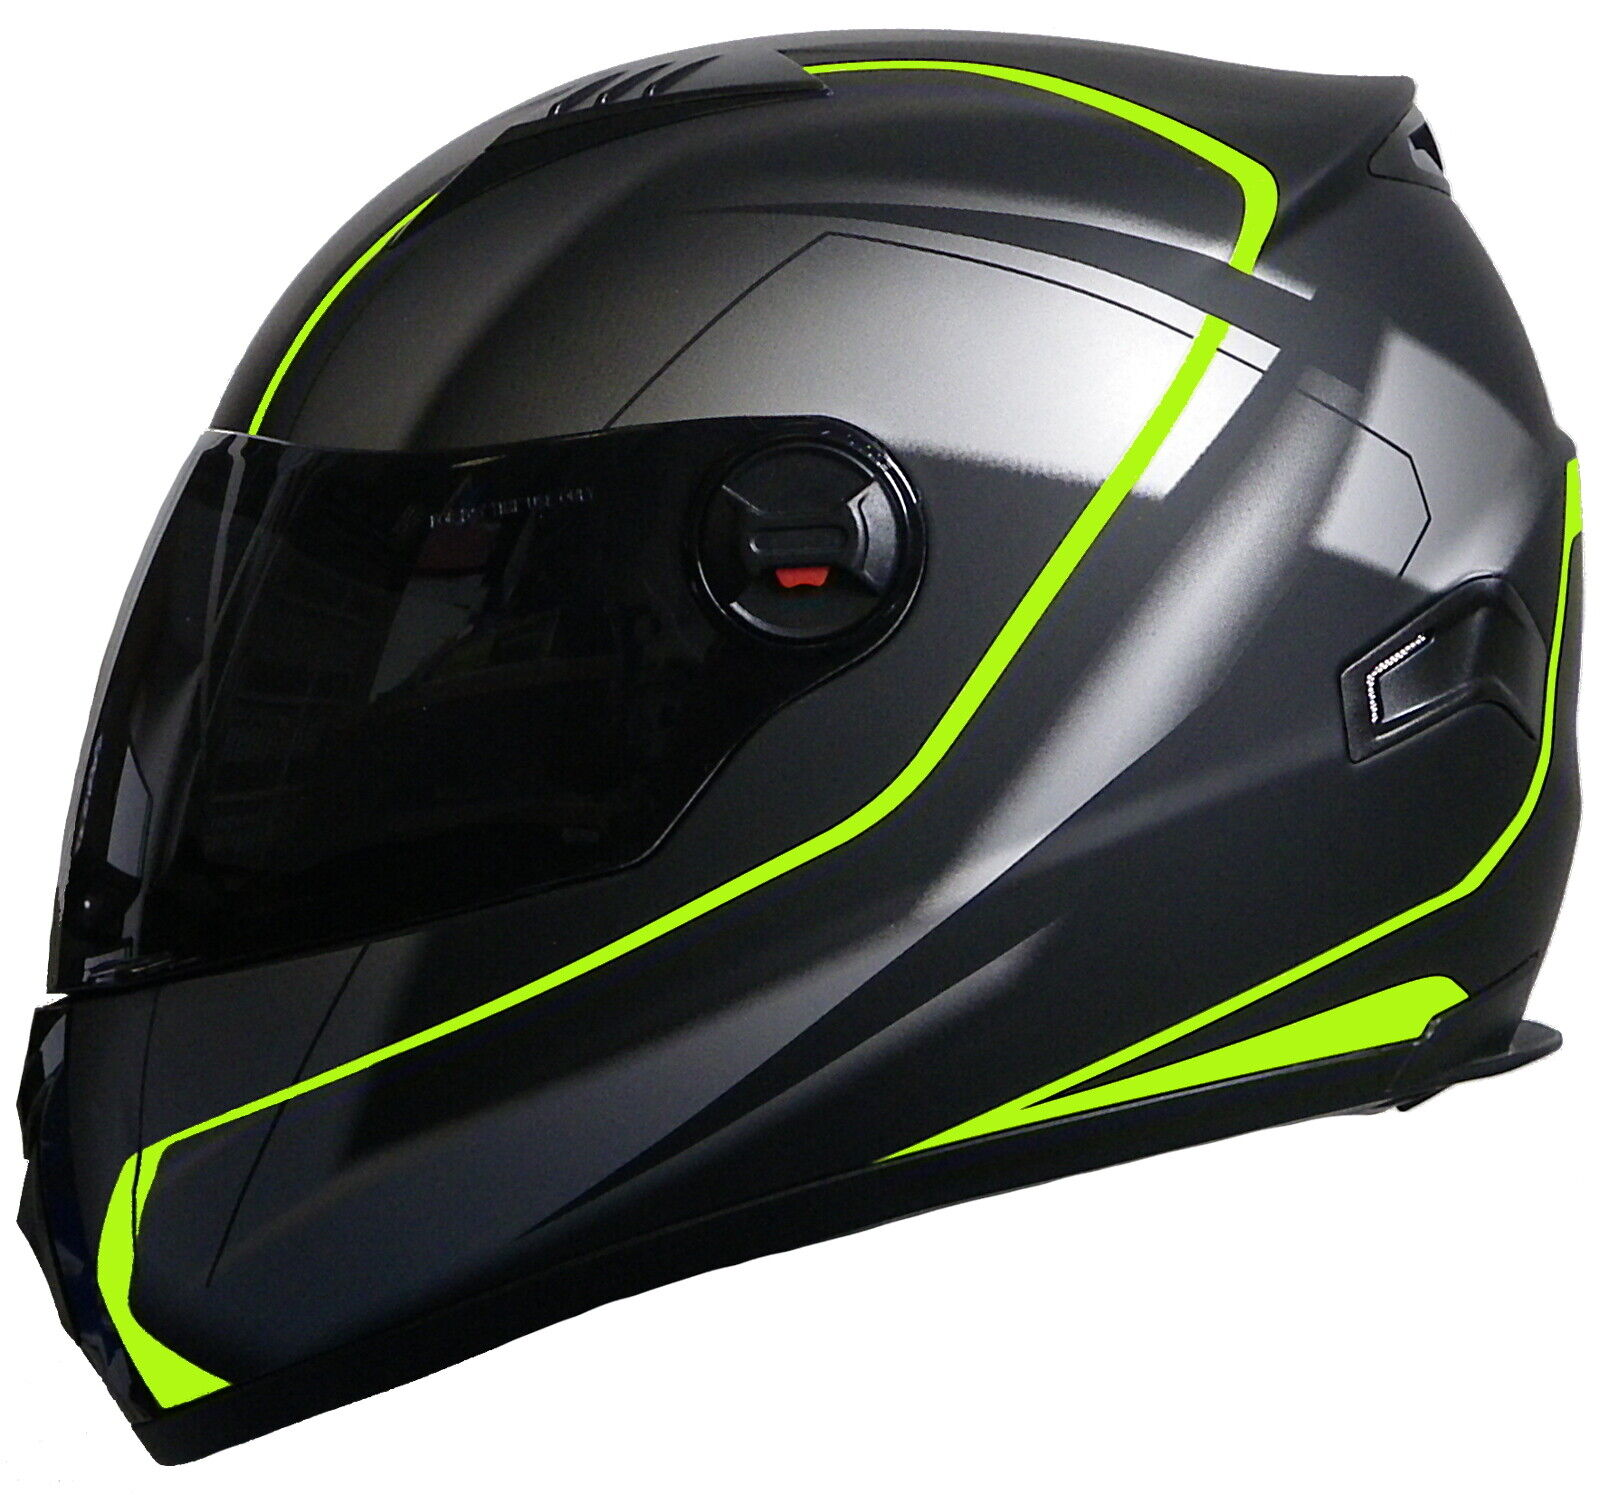 Motorradhelm Integralhelm 708 Helm Rollerhelm Sturzhelm neon grün matt S M L XL